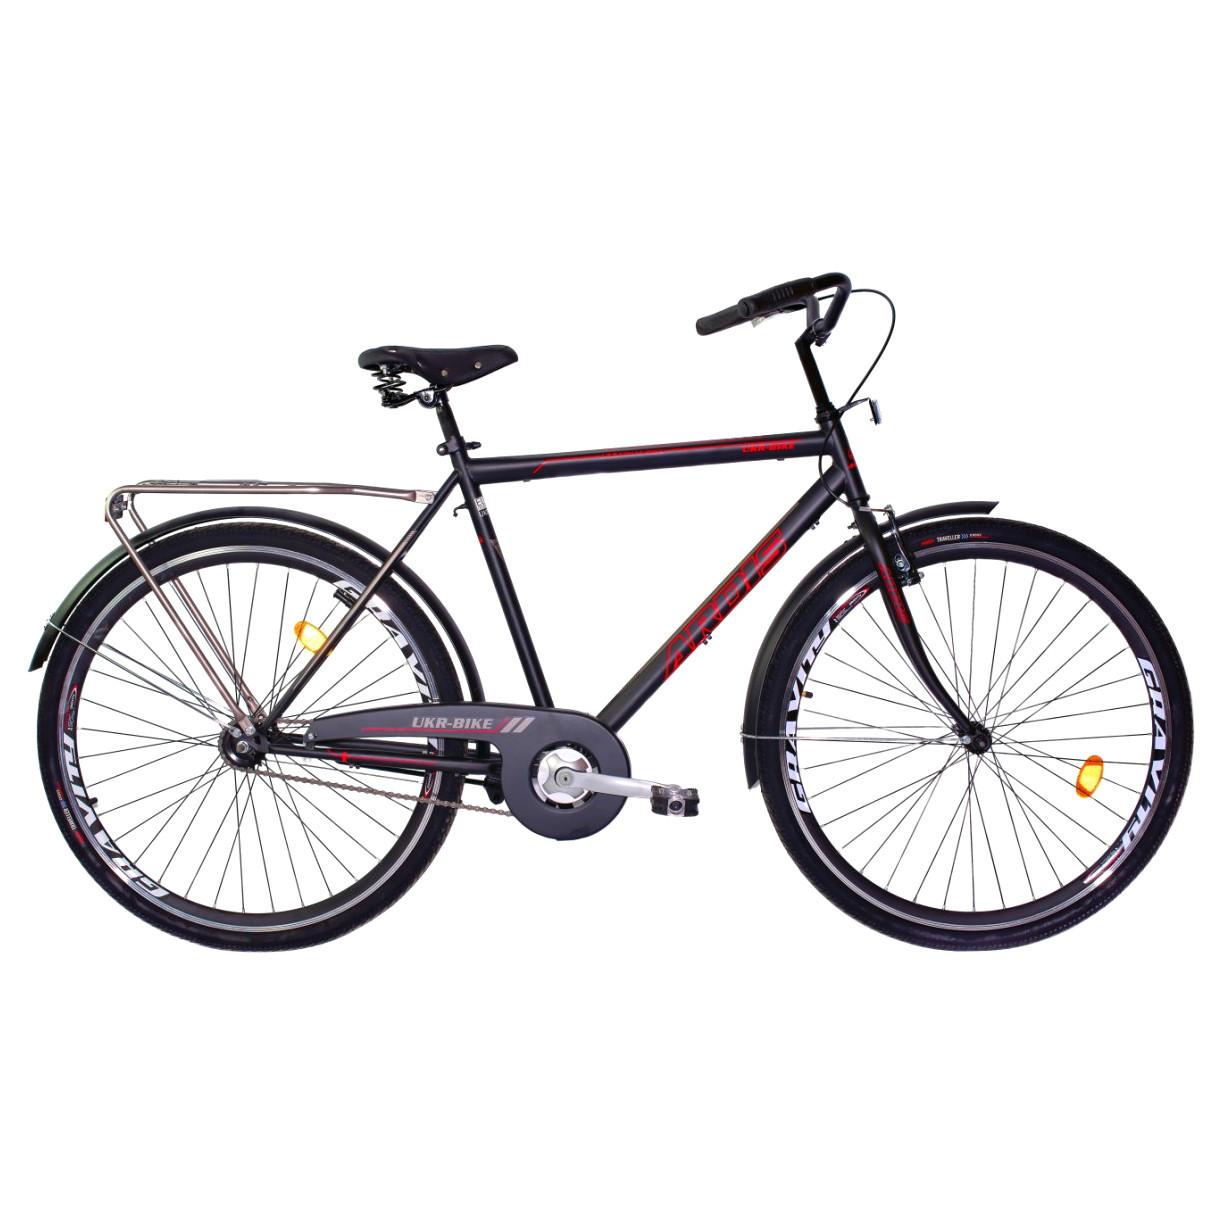 """Міський велосипед Ardis UKR-BIKE 28"""" з алюмінієвими ободами і багажником, Чорний"""